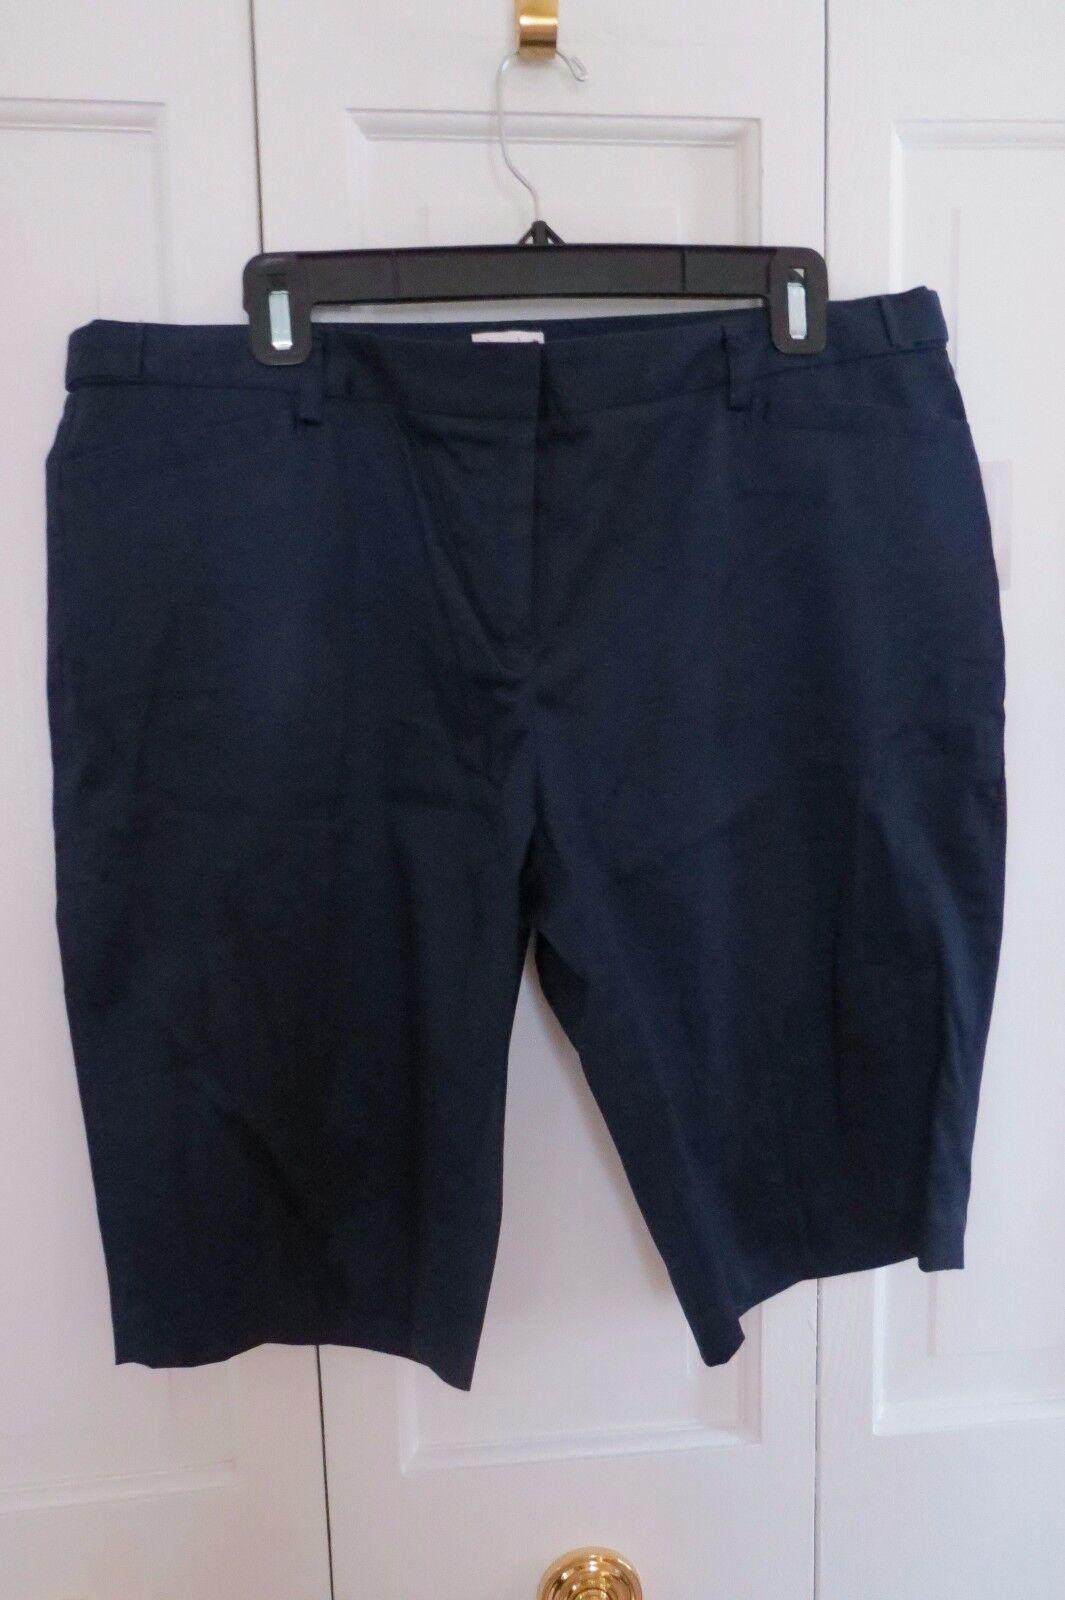 Laundry Navy bluee Bermuda Shorts – NWT – 14